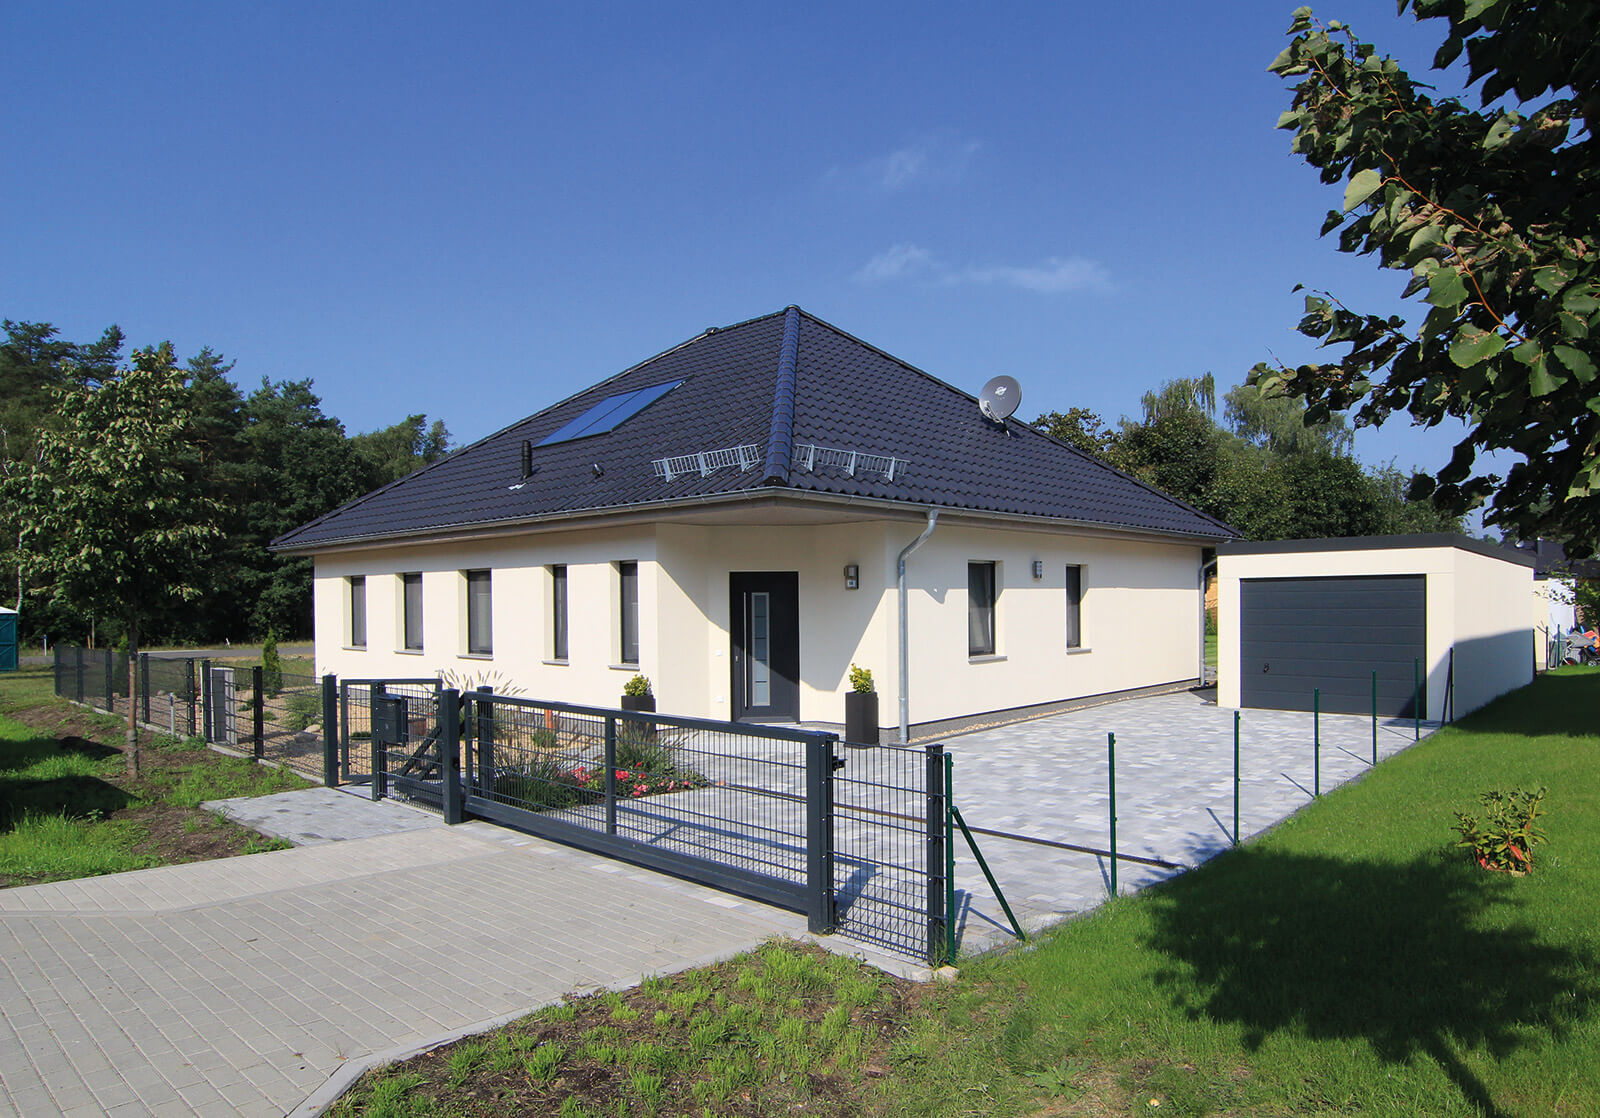 Eine Haus Erweiterung Machen - bakingbad.us - Idées et images de ...